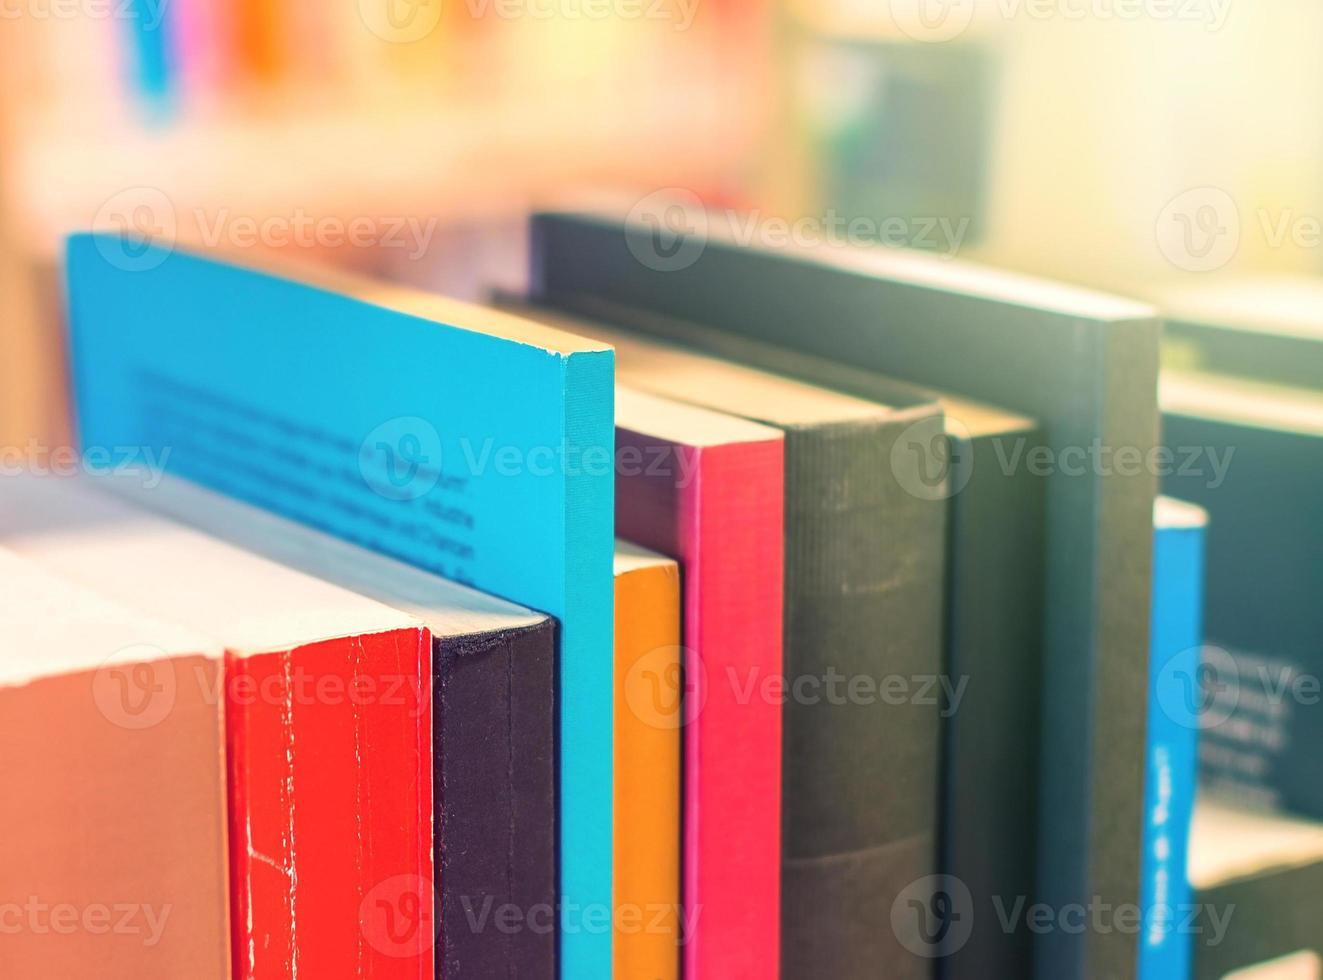 livres sur une étagère photo